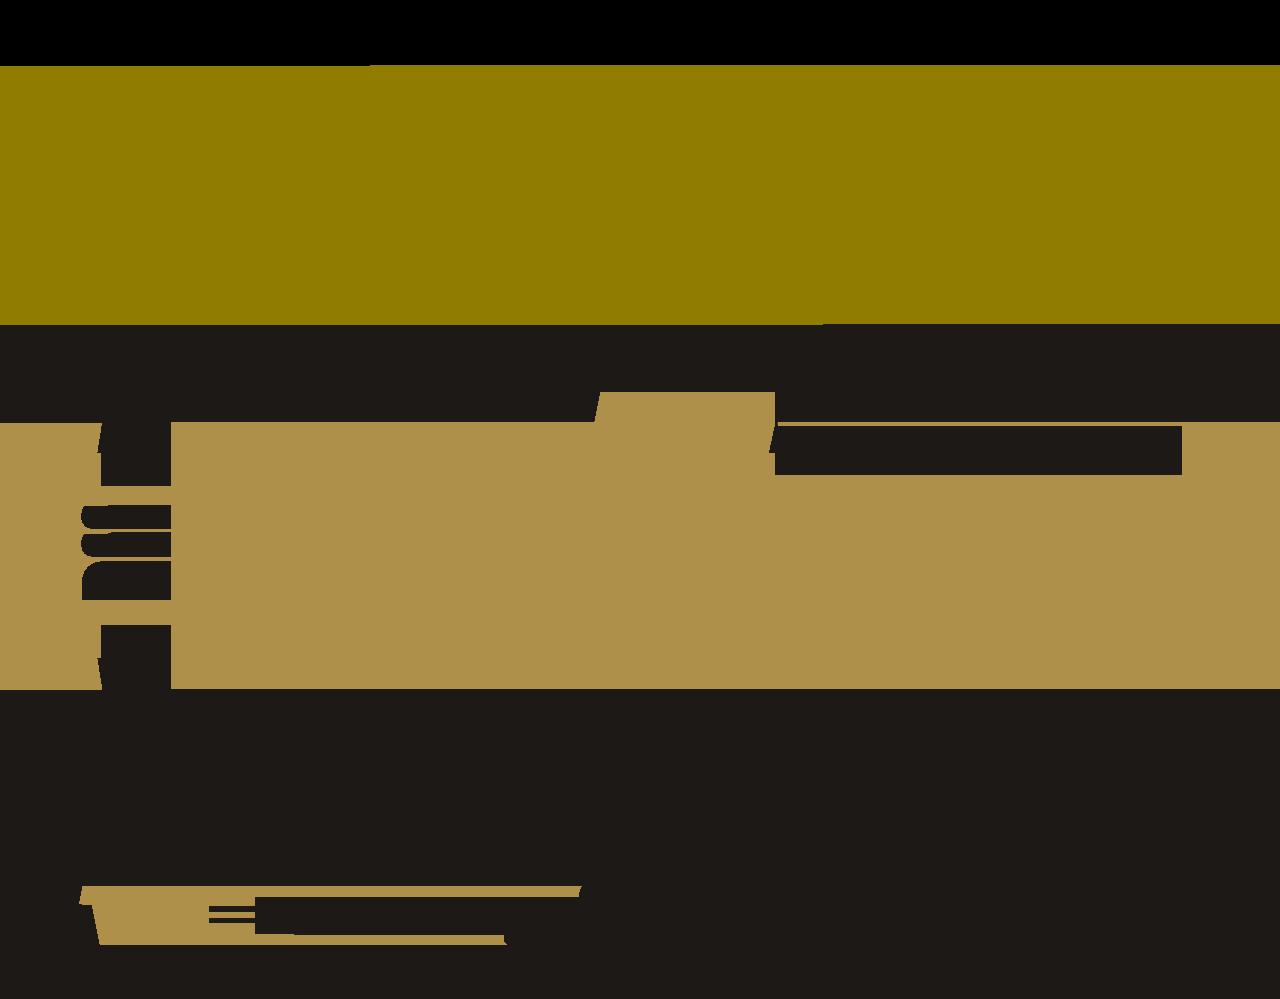 SAN-BF2